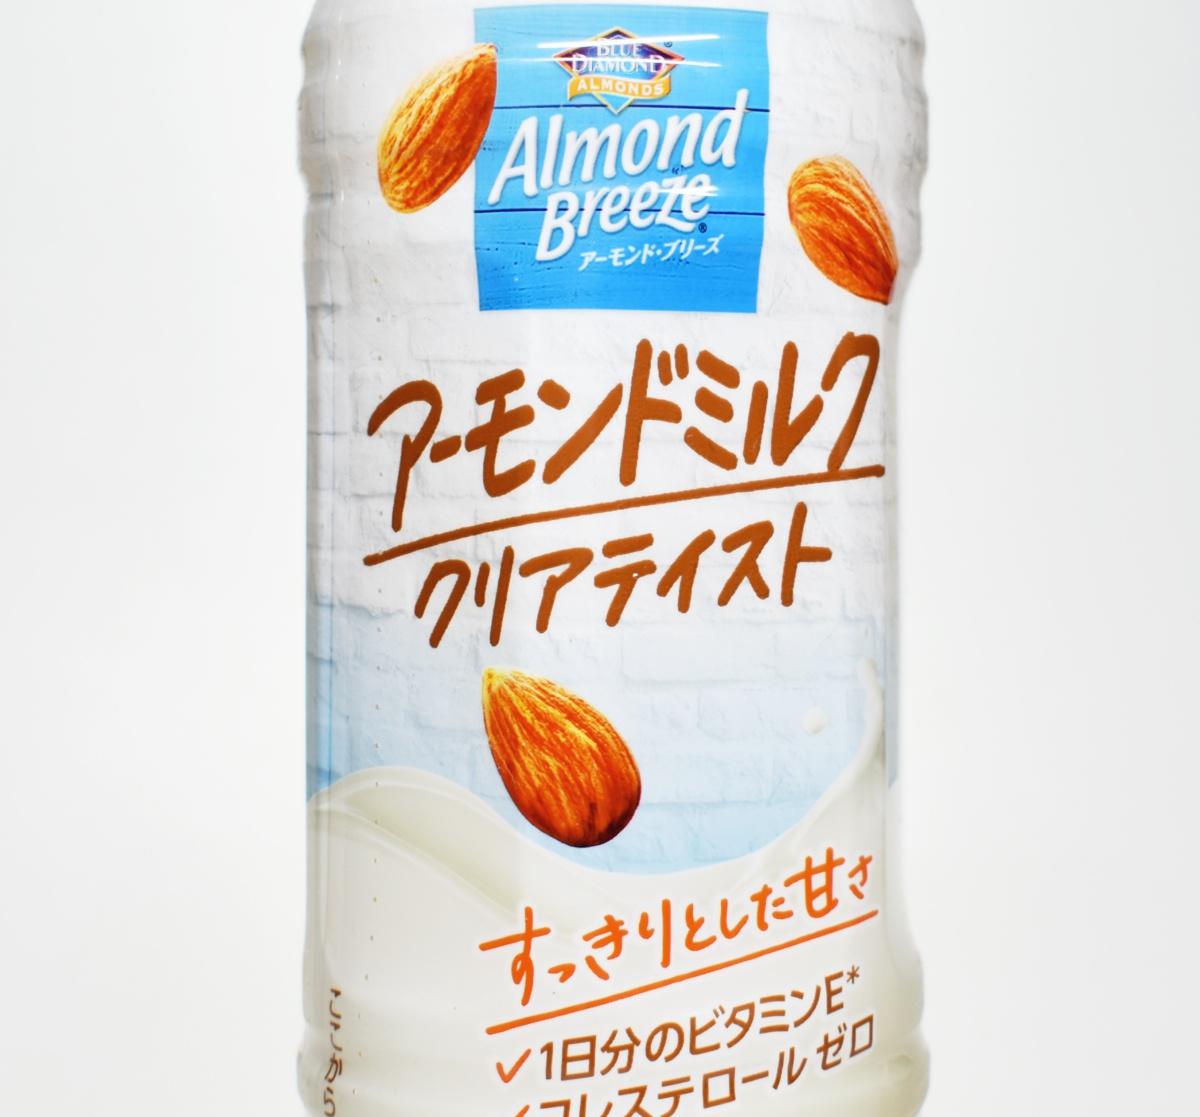 アーモンドブリーズ,アーモンドミルククリアテイスト,500mlPET